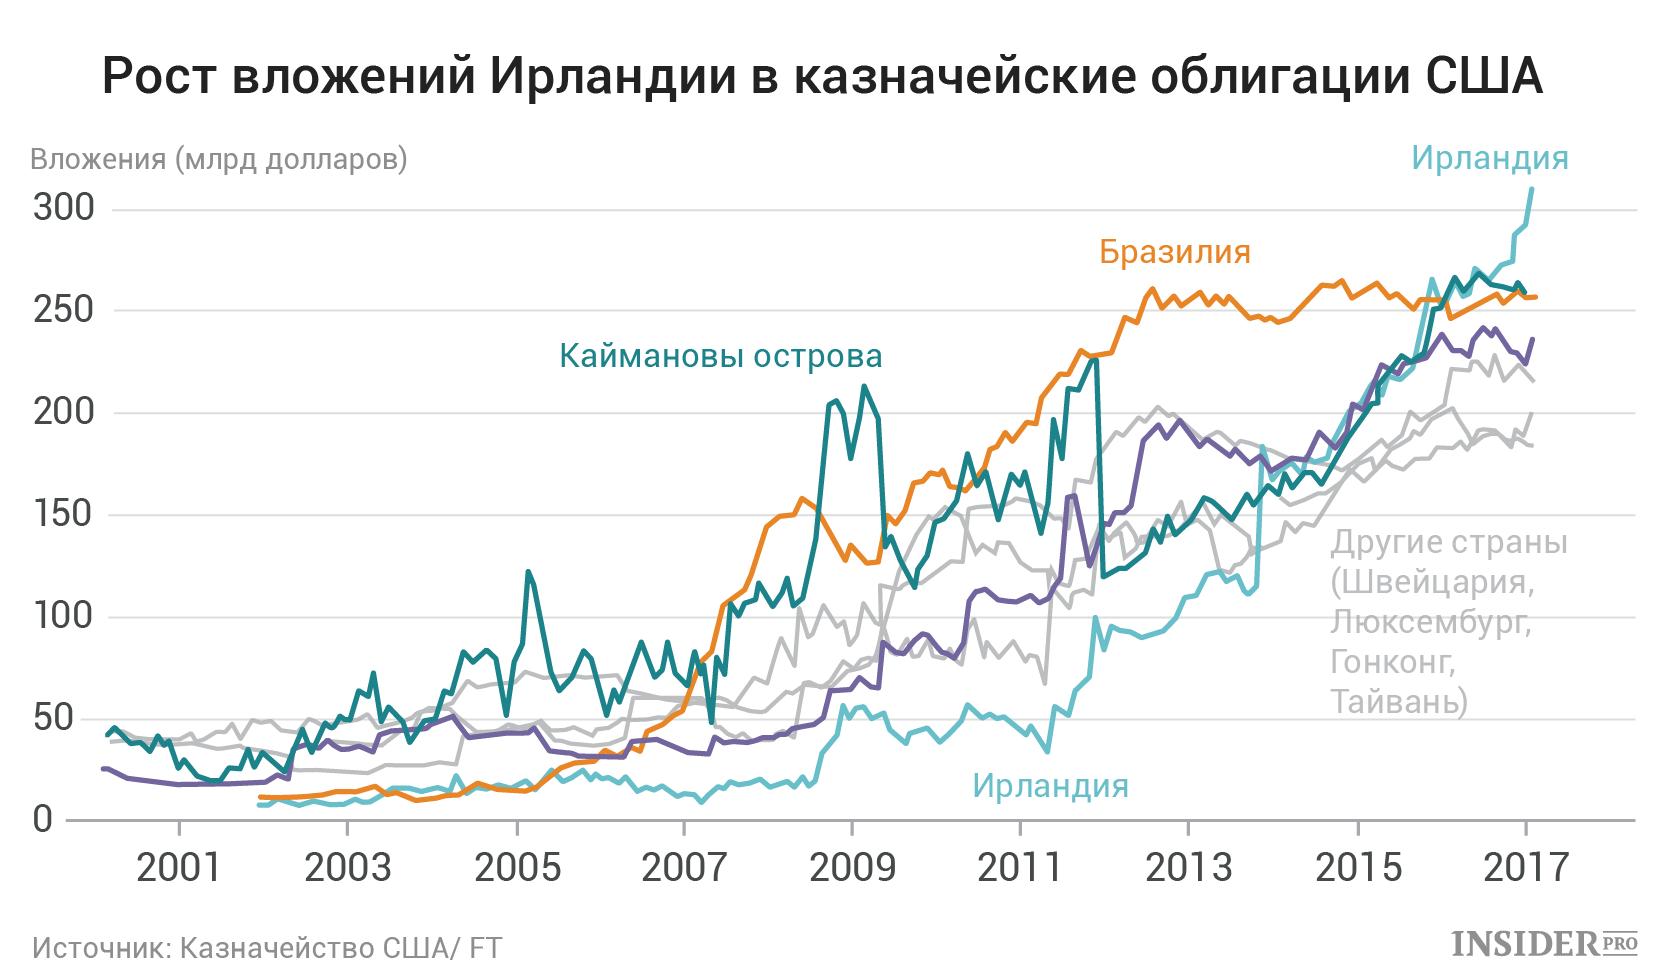 Трежерис - гособлигации сша | investfuture